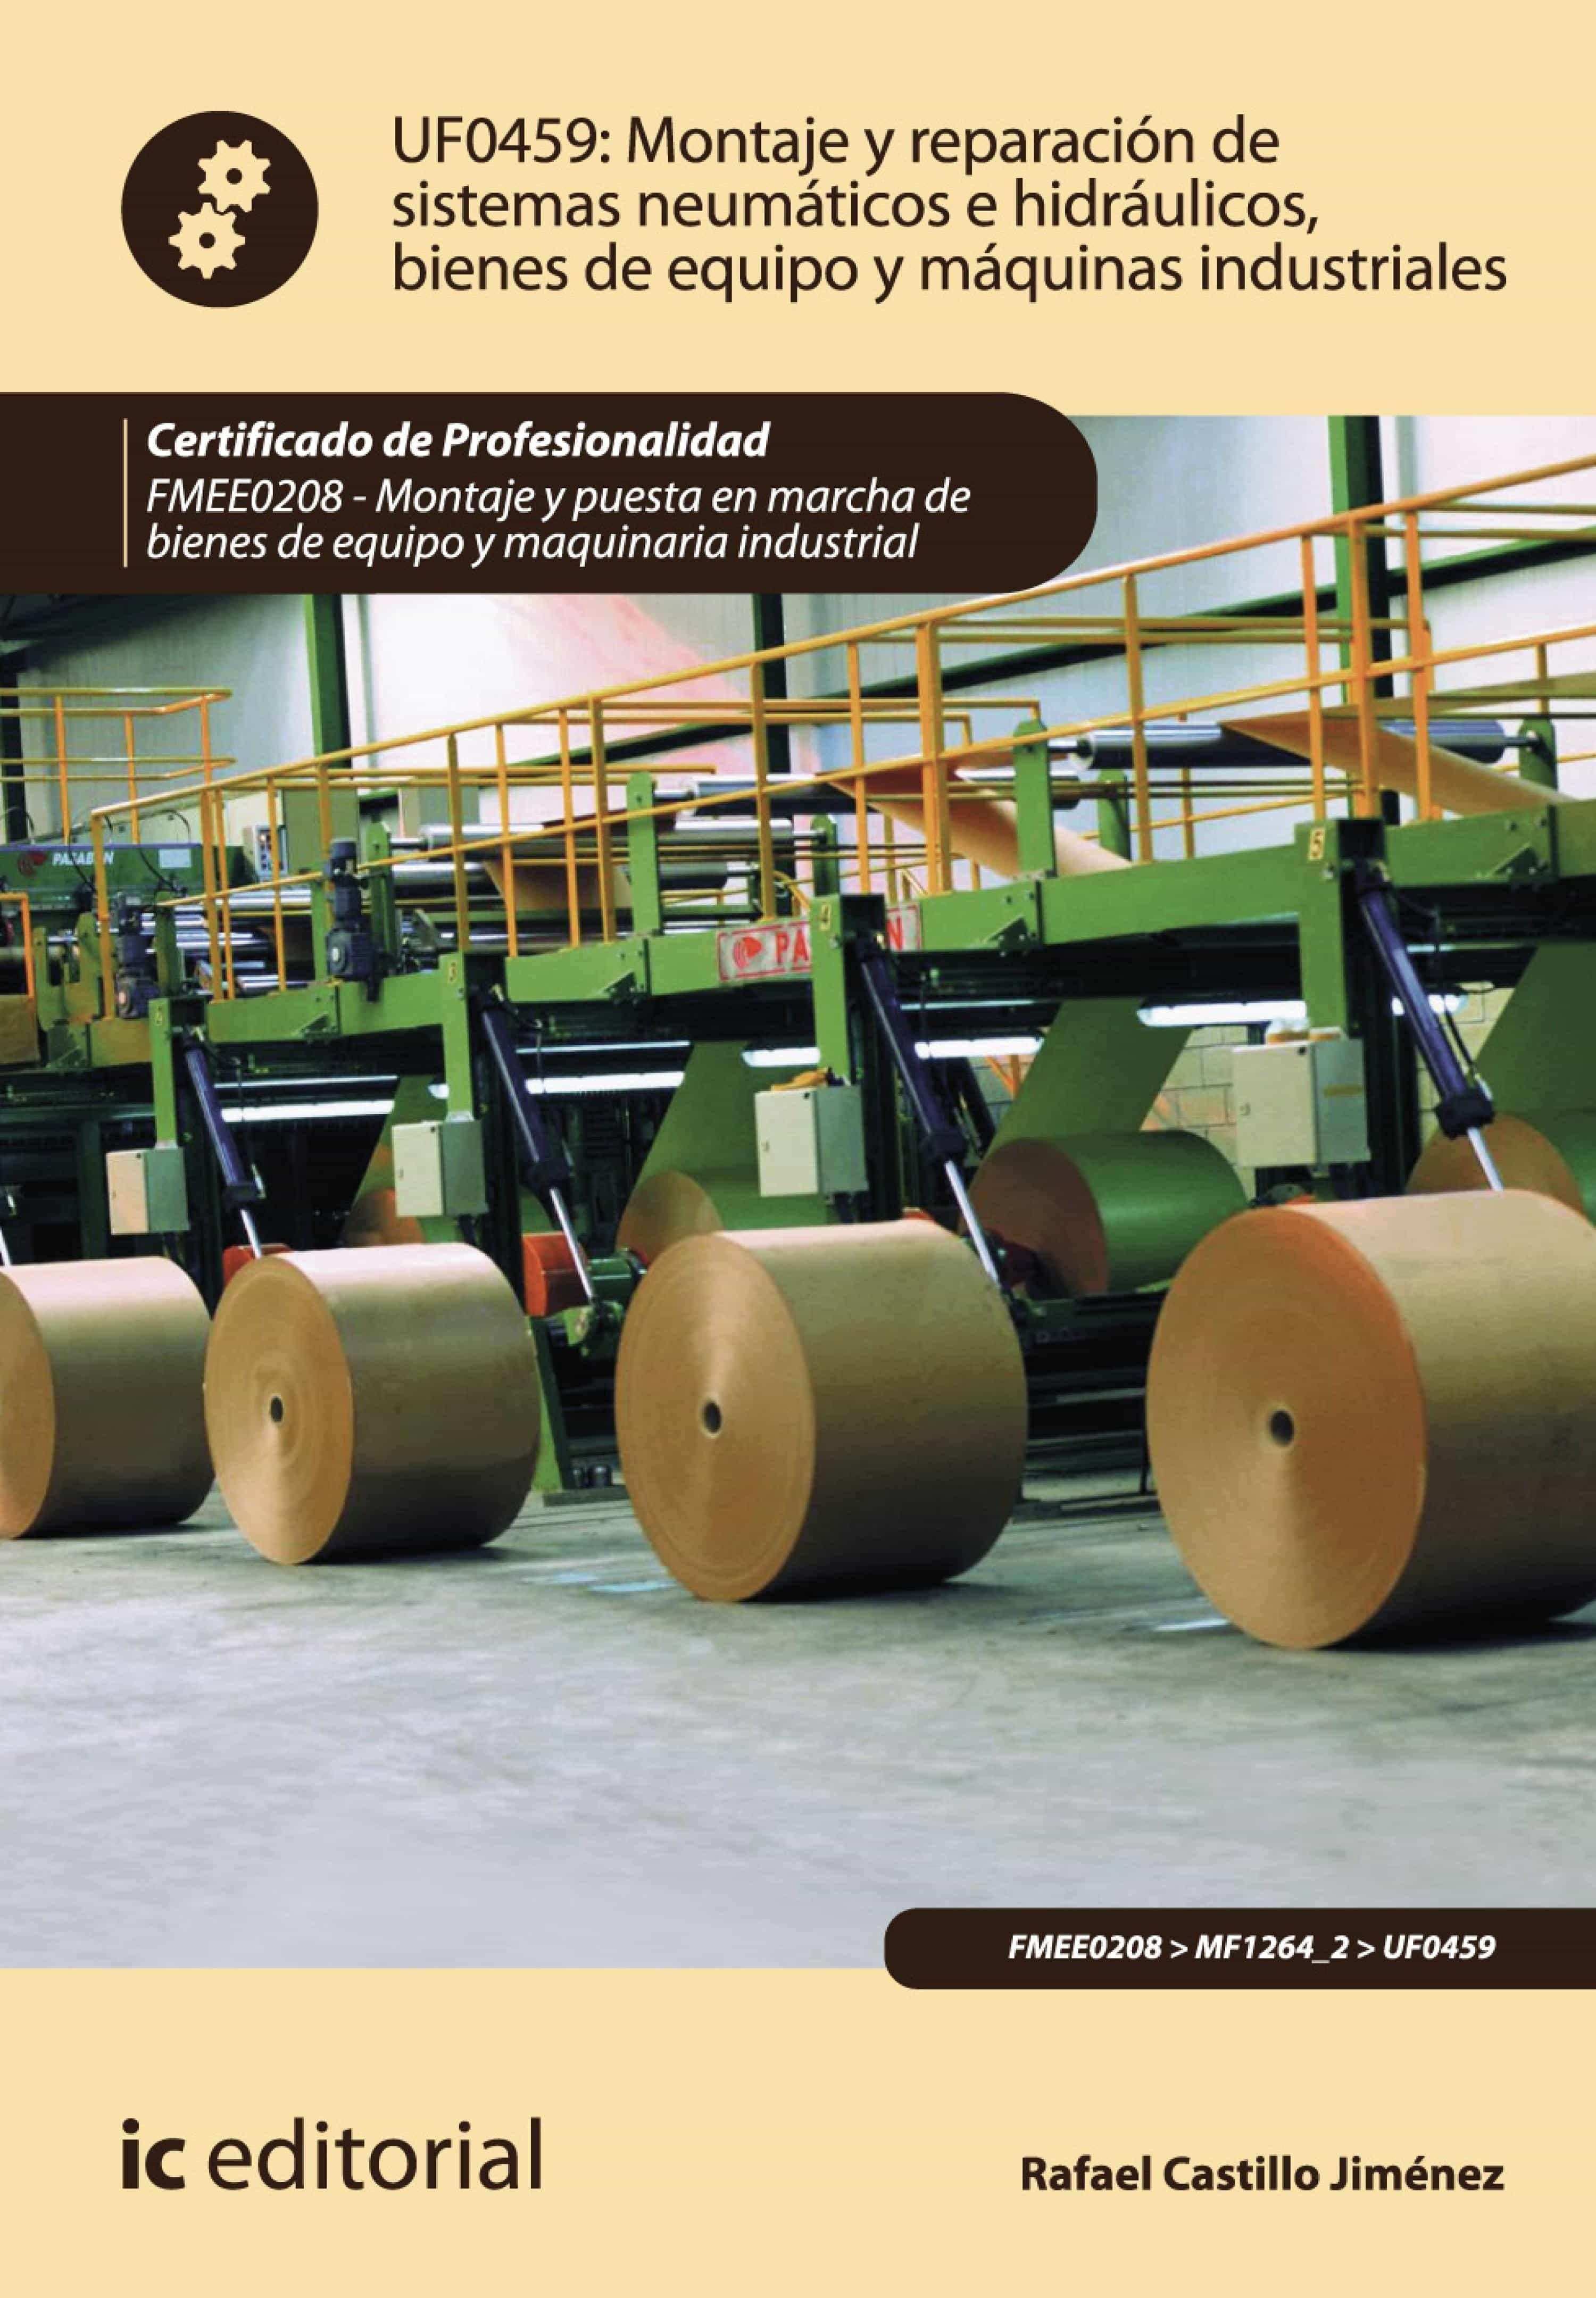 Circuito Neumatico Basico : Montaje y reparaciÓn de sistemas neumÁticos e hidrÁulicos bienes de